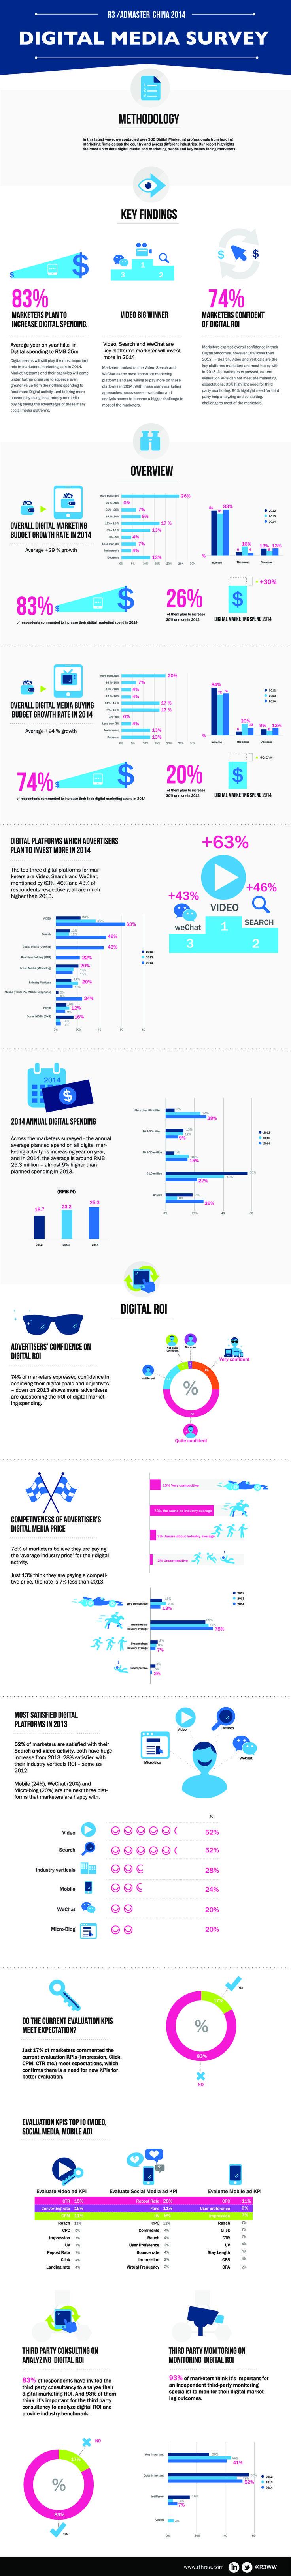 Digital-Marketing-Digital-Media-Survey-infographic-DigitalMedia-Marketing Digital Marketing : Digital Media Survey   #infographic #DigitalMedia #Marketing